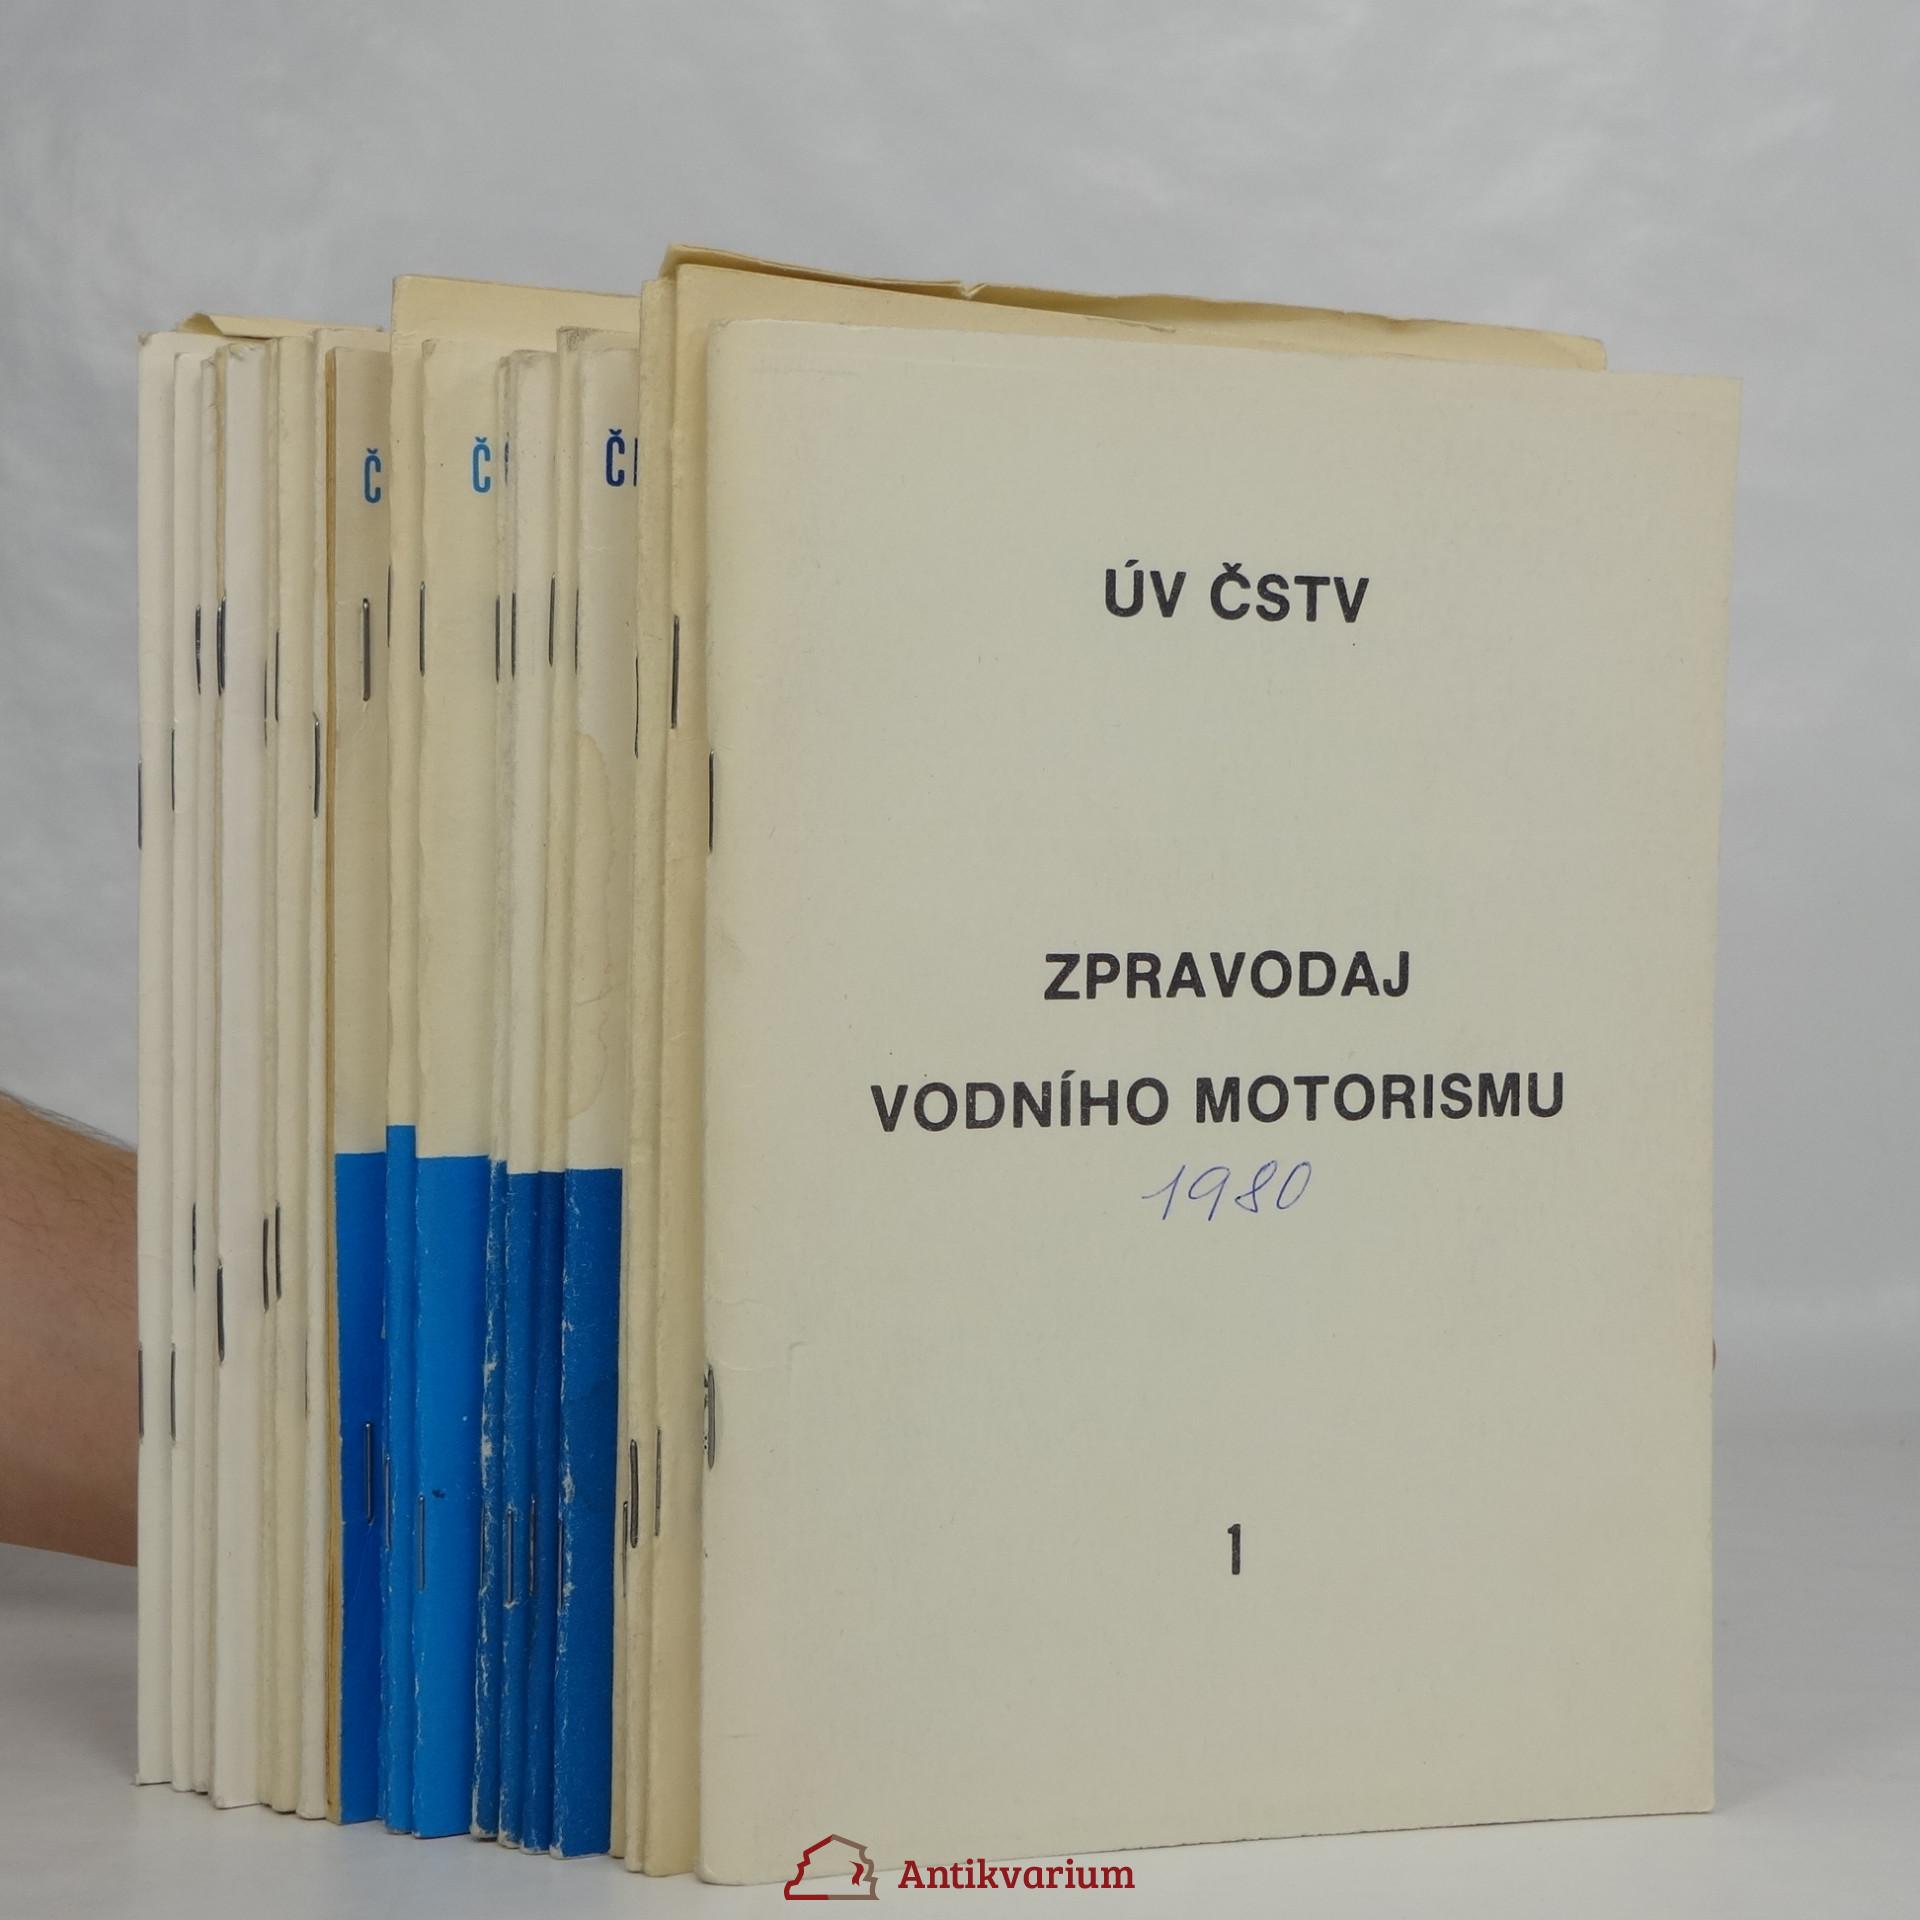 antikvární kniha Zpravodaj vodního motorismu 1980, 1982, 1983, 1984, 1985, neuveden